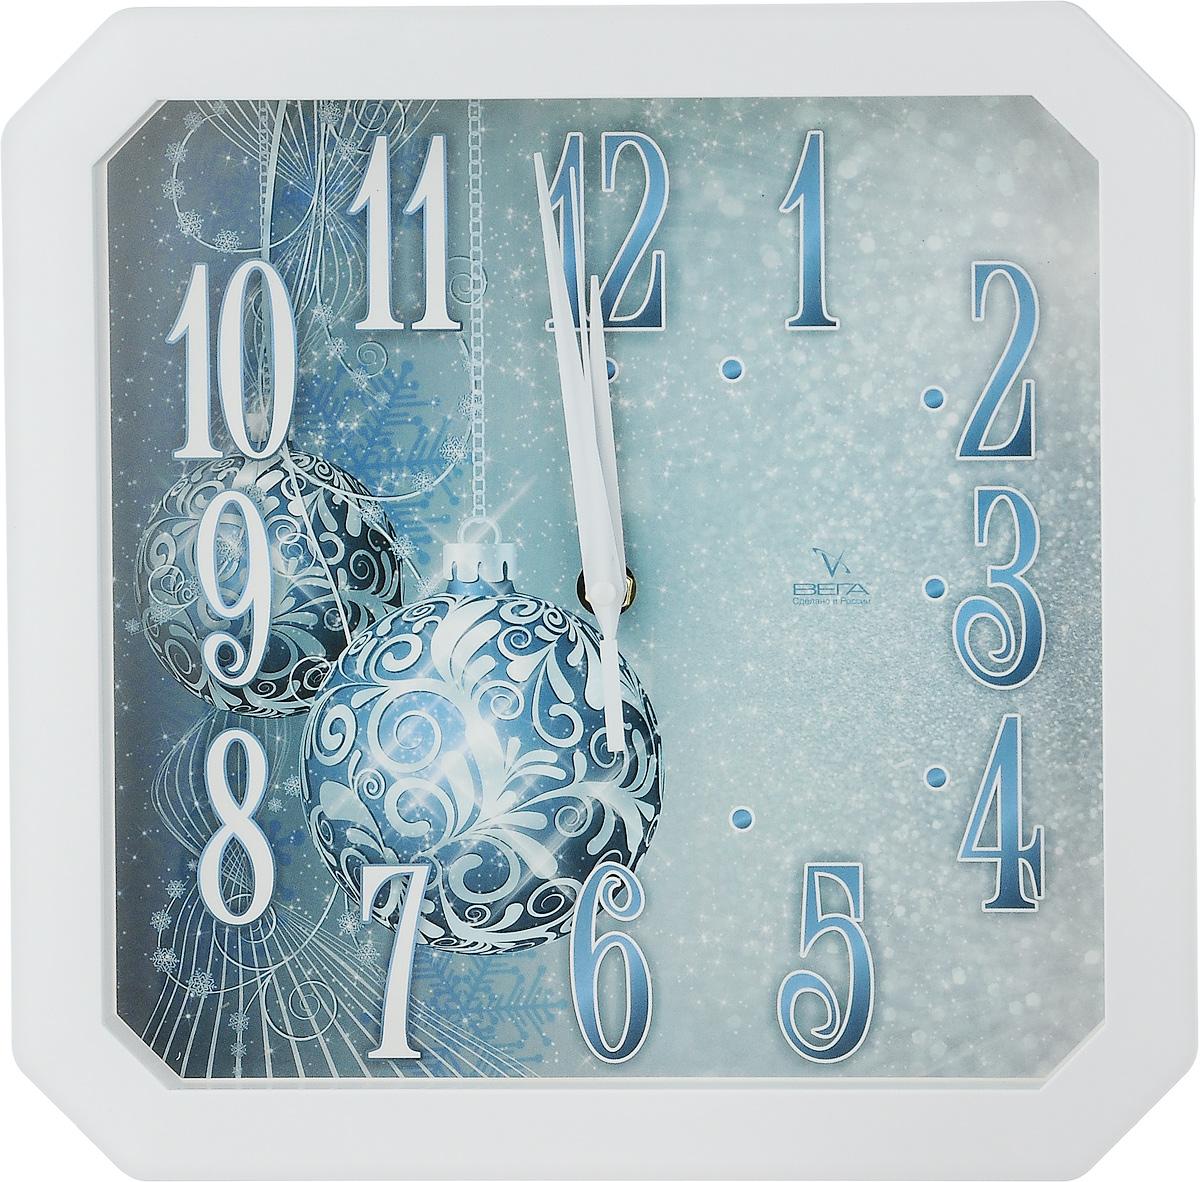 Часы настенные Вега Шары, 28 х 28 х 4 смП4-7/7-85Настенные кварцевые часы Вега Шары, изготовленные из пластика, прекрасно впишутся в интерьервашего дома. Часы имеют три стрелки: часовую,минутную и секундную, циферблат защищен прозрачным стеклом.Часы работают от 1 батарейки типа АА напряжением 1,5 В (не входит в комплект).